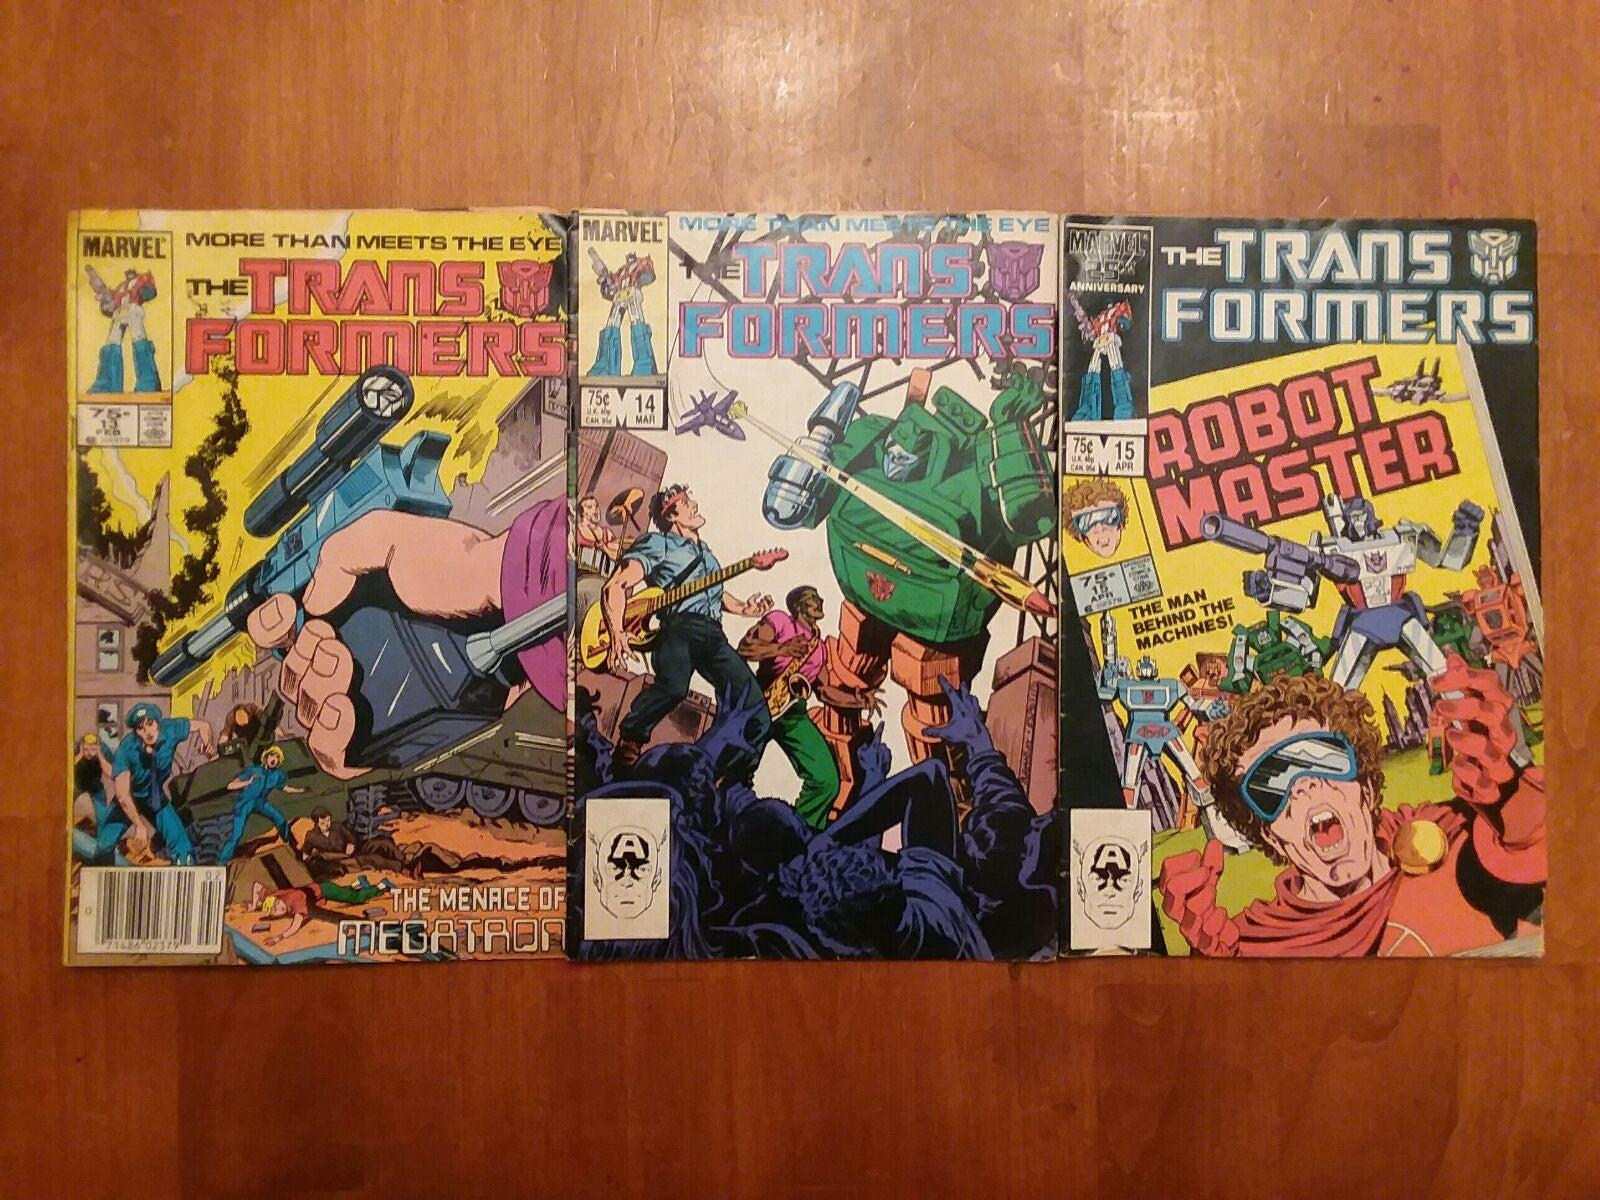 Marvel Comics Transformers #13 14 15